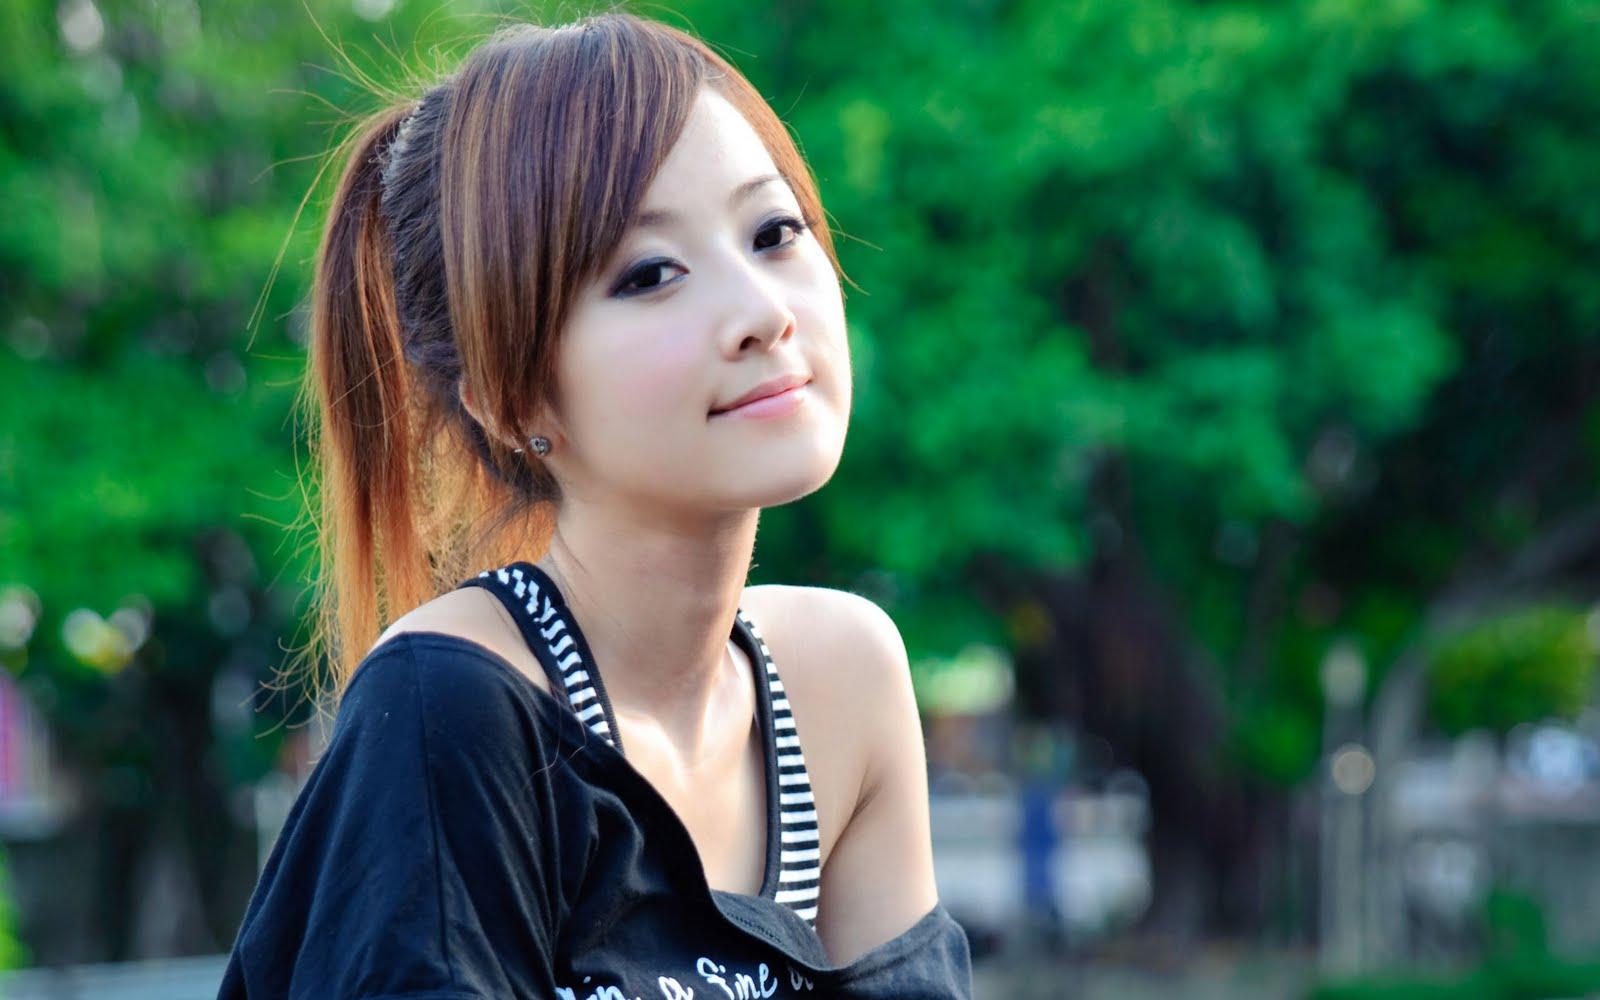 http://3.bp.blogspot.com/_E8qkZqRfIRg/S87DZM5qX4I/AAAAAAAAA2I/AcAFbdH7b4I/s1600/Asia-cute-girls-44-10.jpg